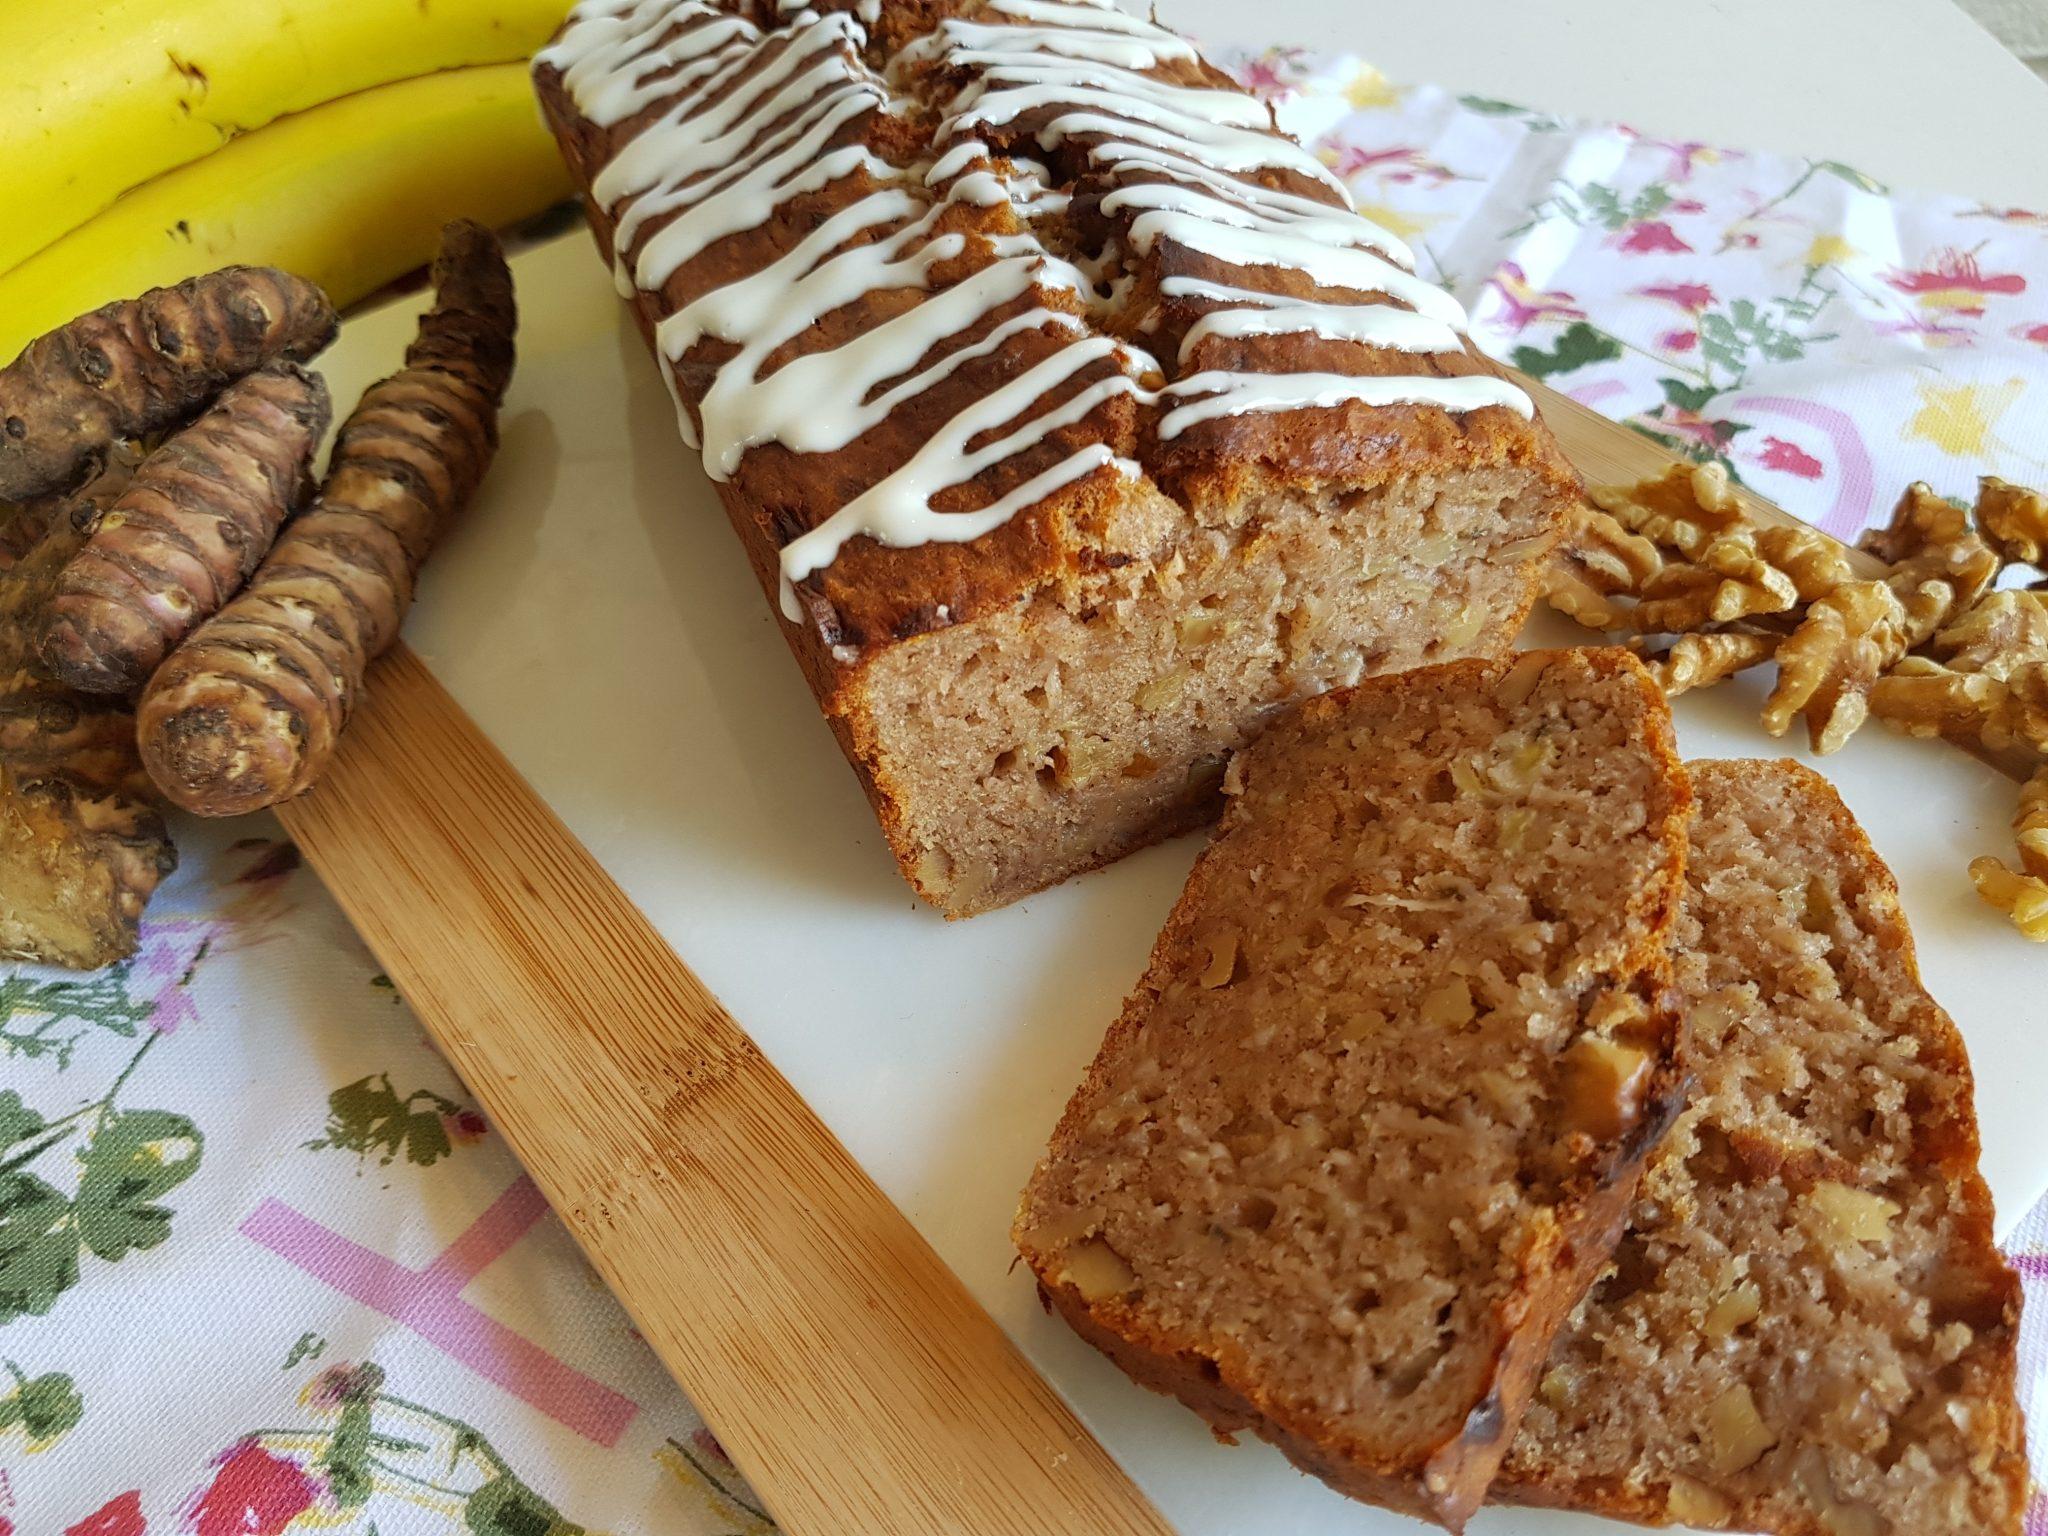 Bananenbrood met aardpeer en walnoot